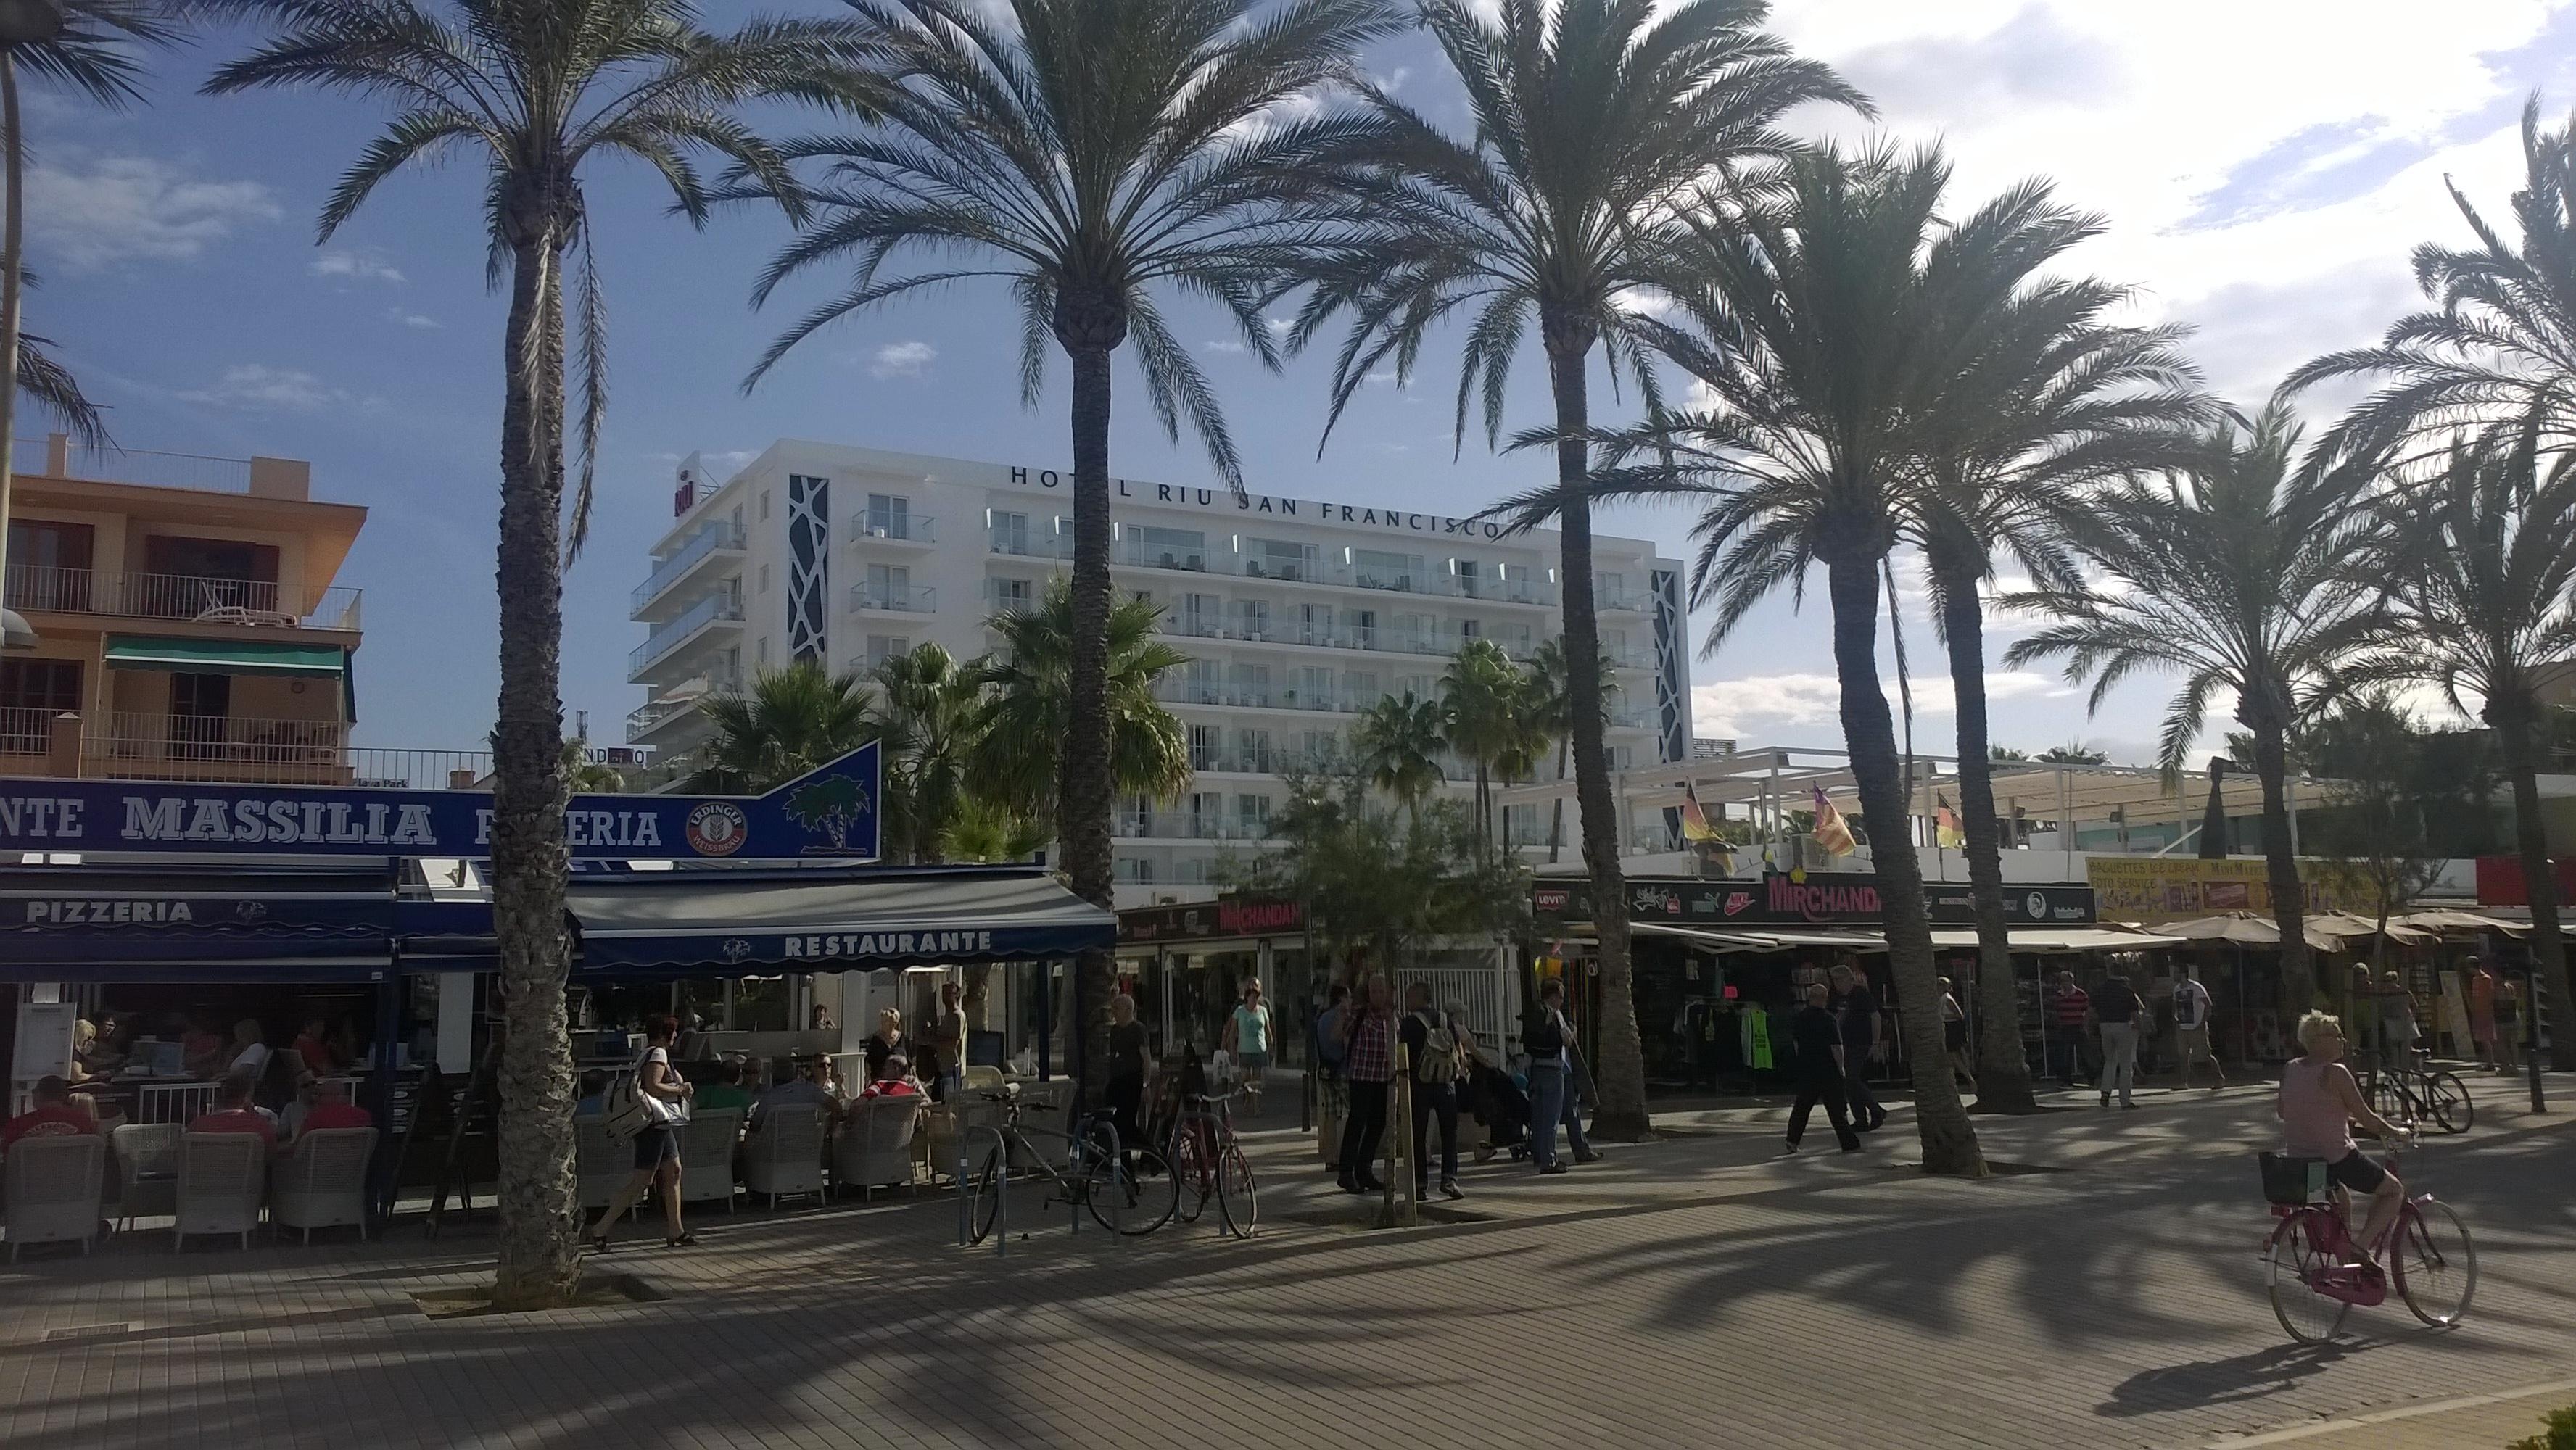 Hotel Riu San Francisco am Ballermann